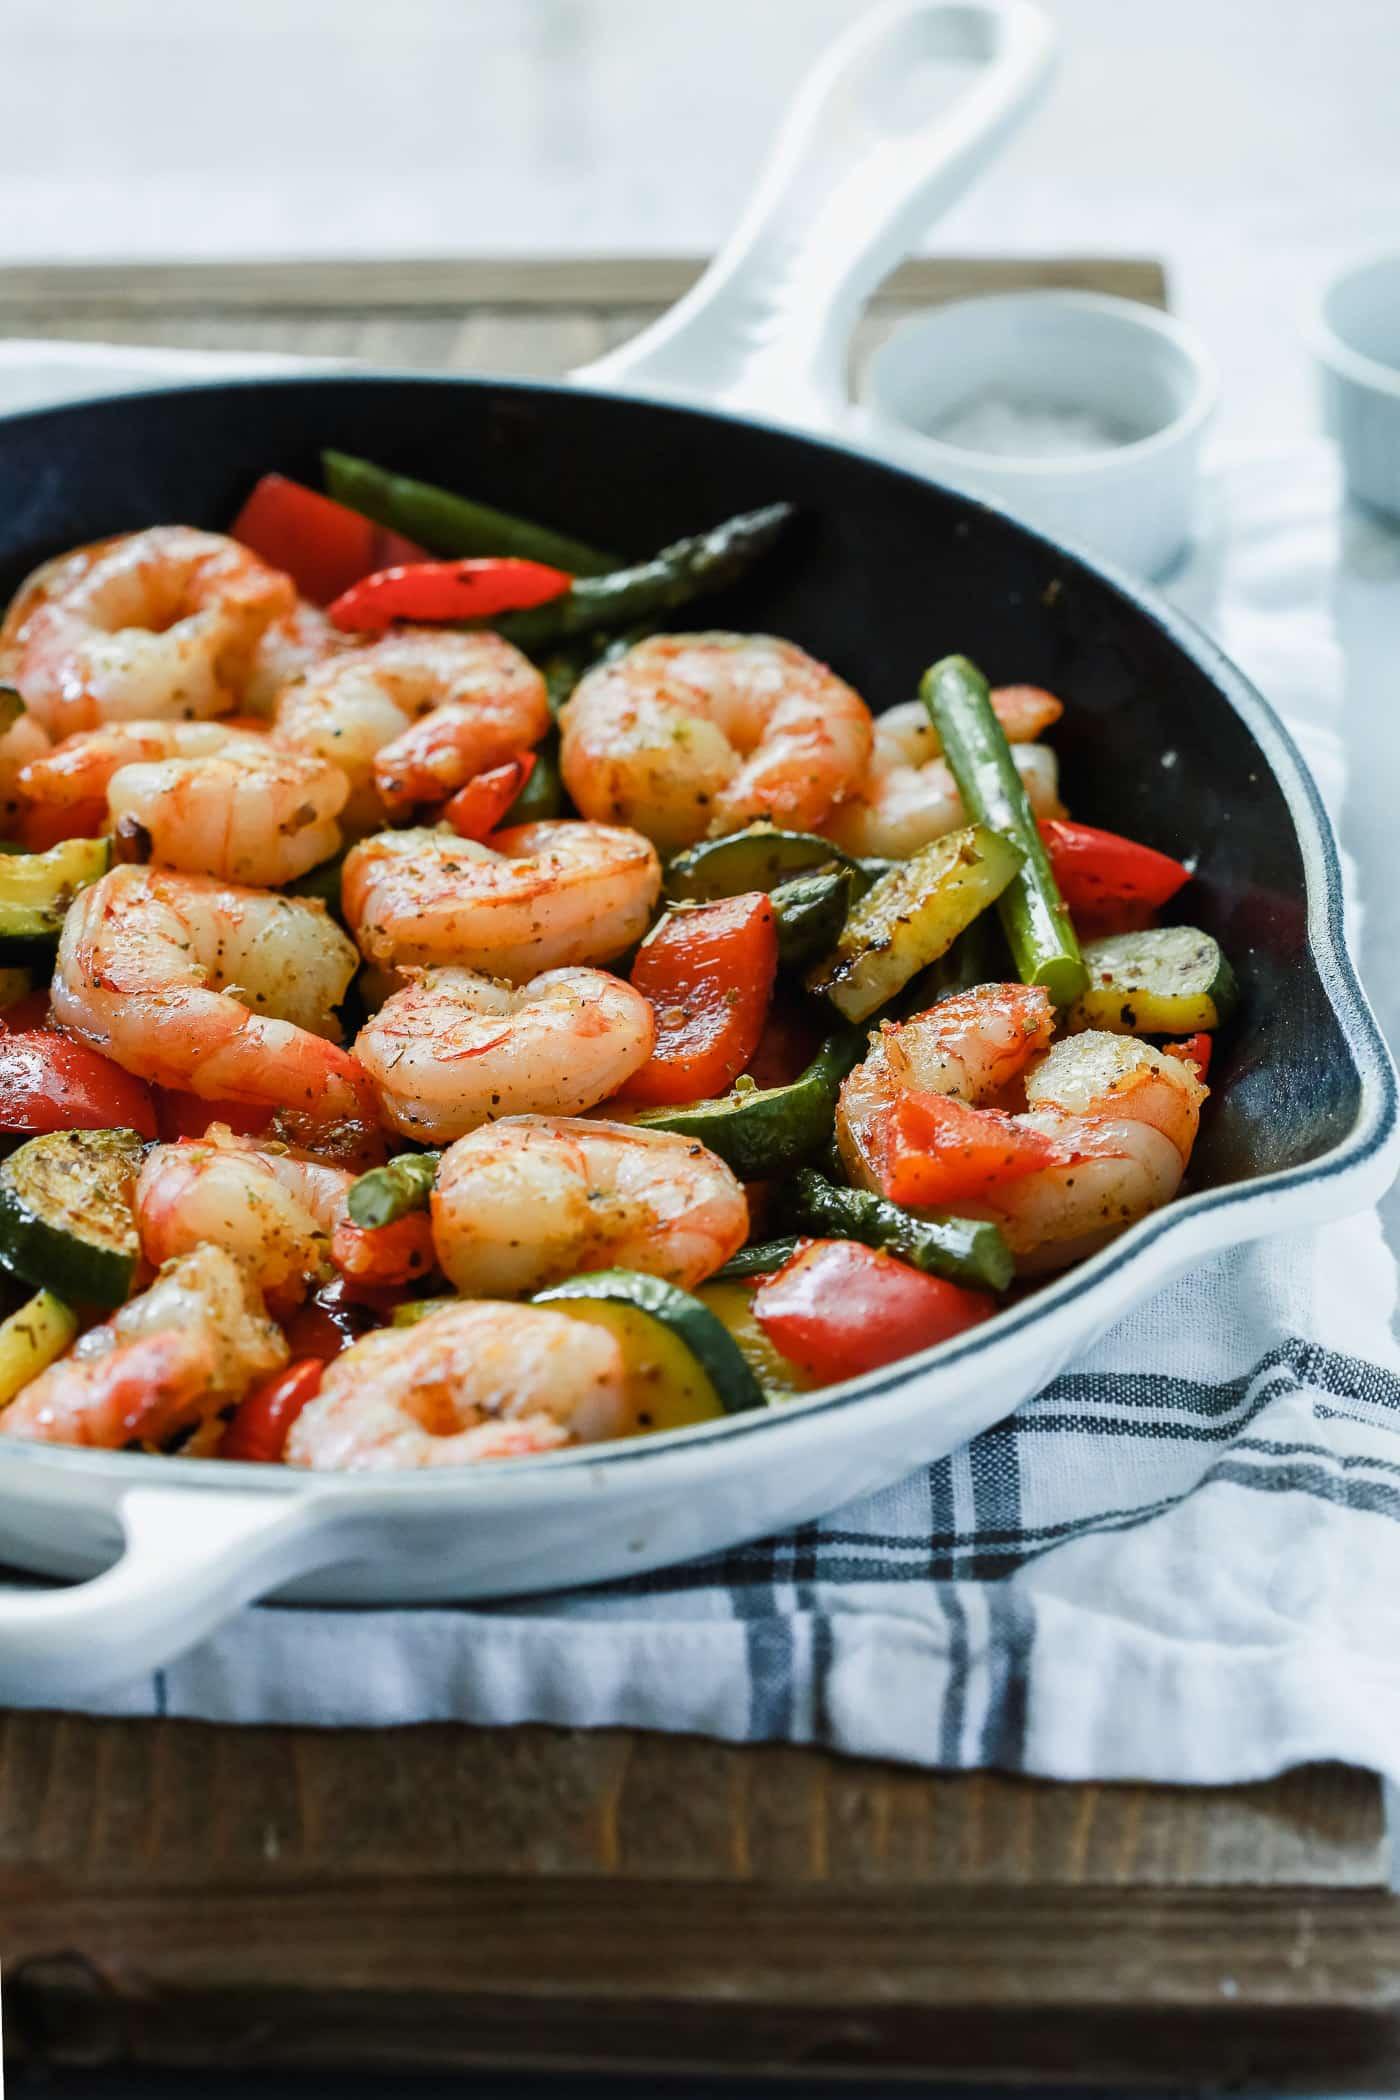 Healthy Skillet Dinner Recipe